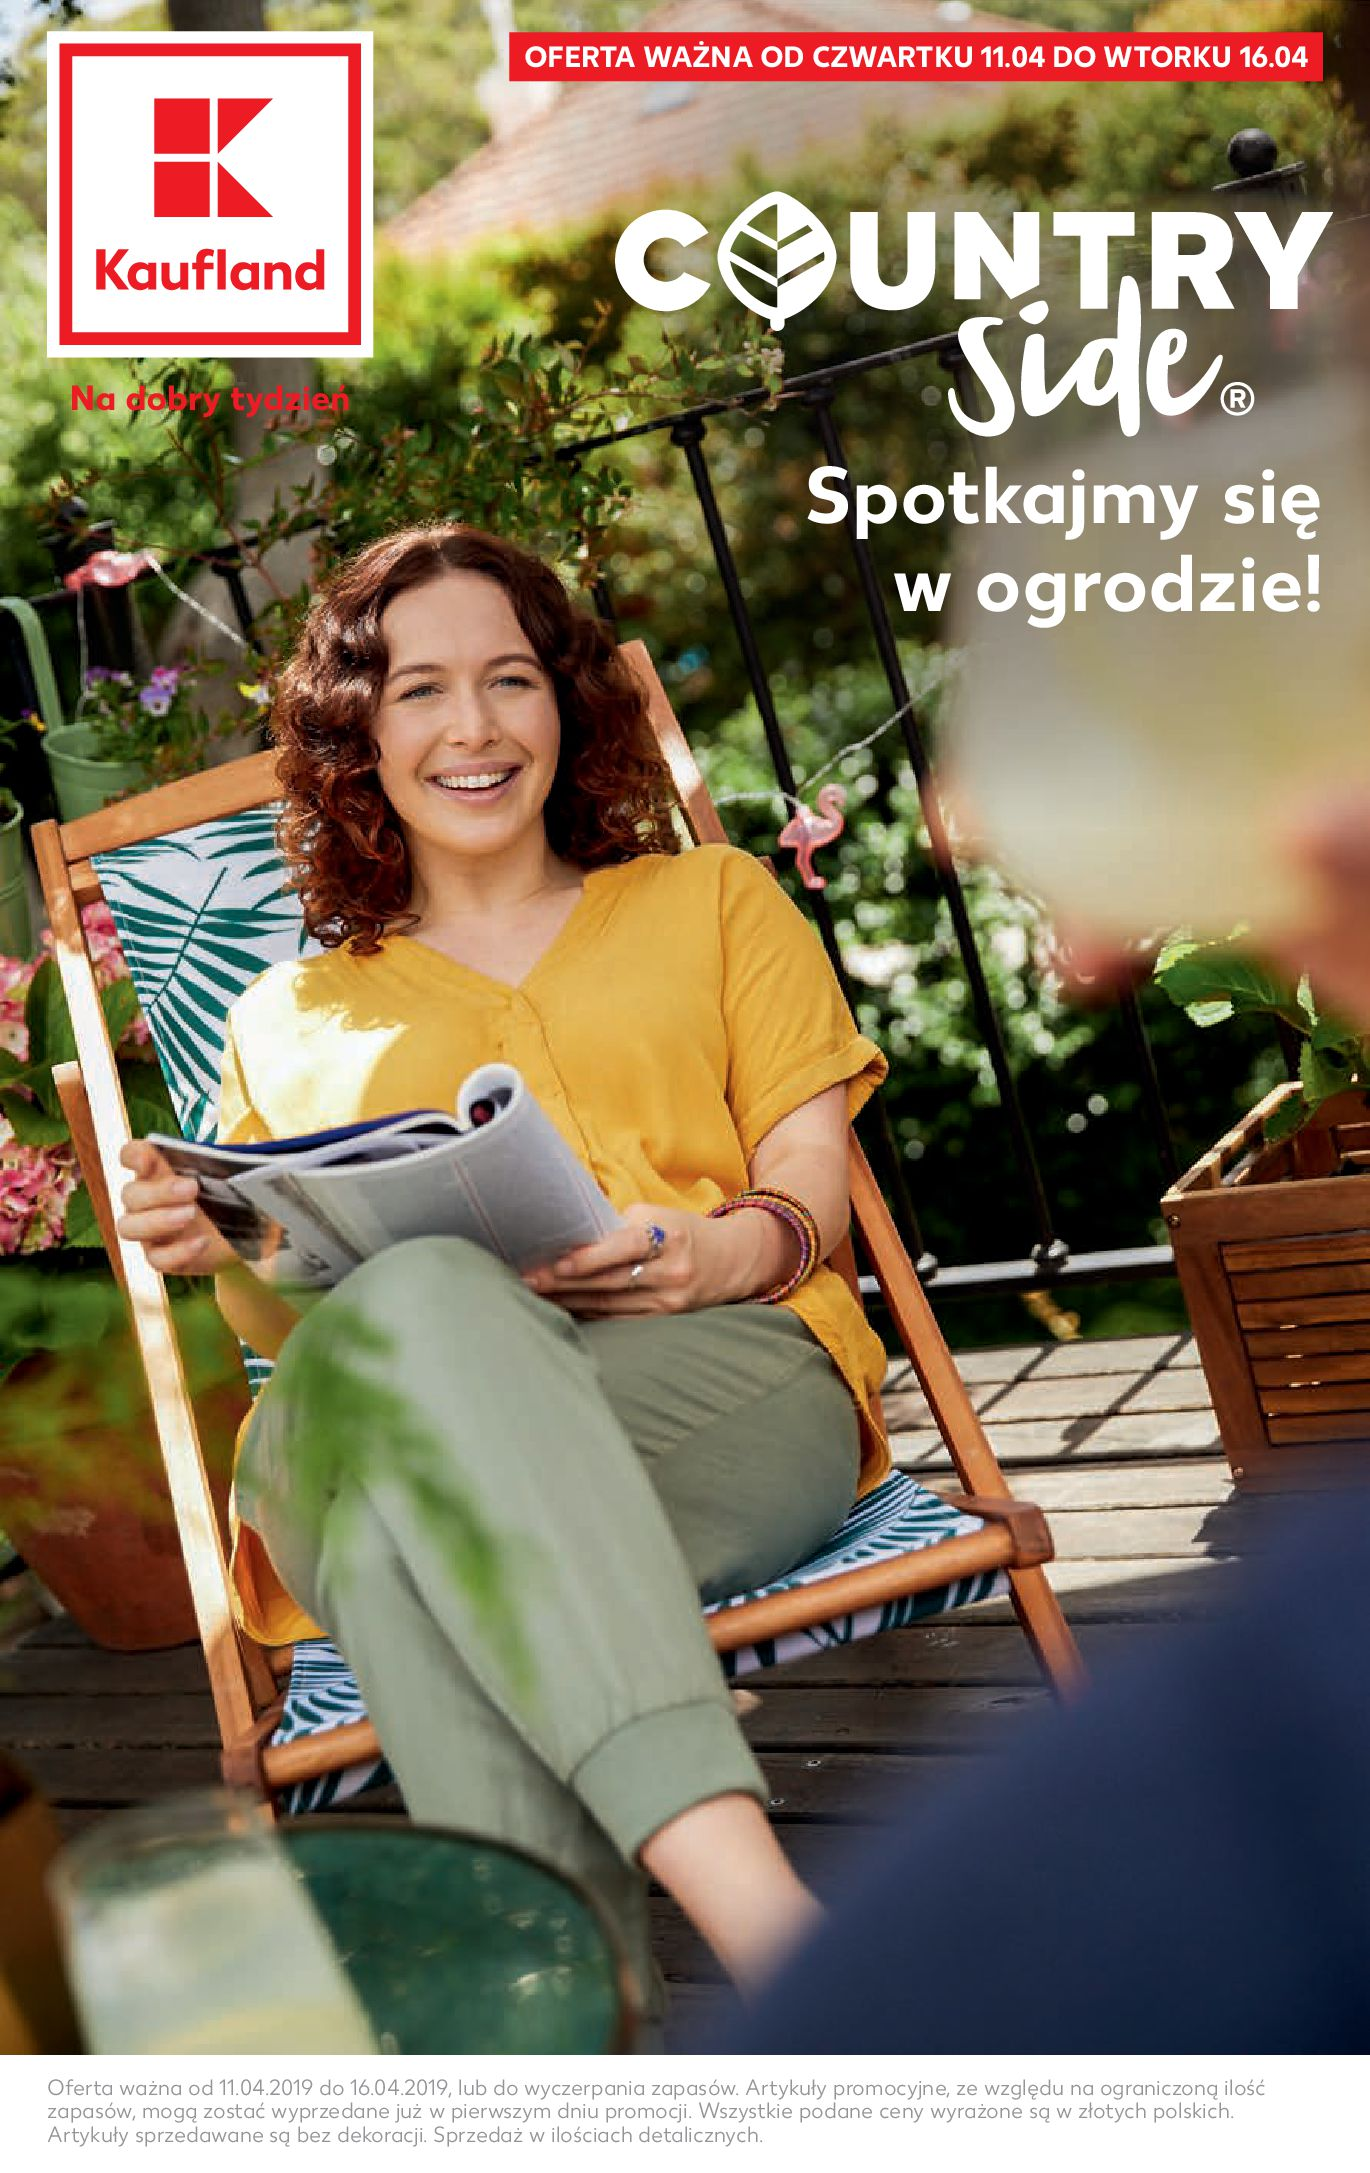 Gazetka Kaufland - Spotkajmy się w ogrodzie!-10.04.2019-16.04.2019-page-